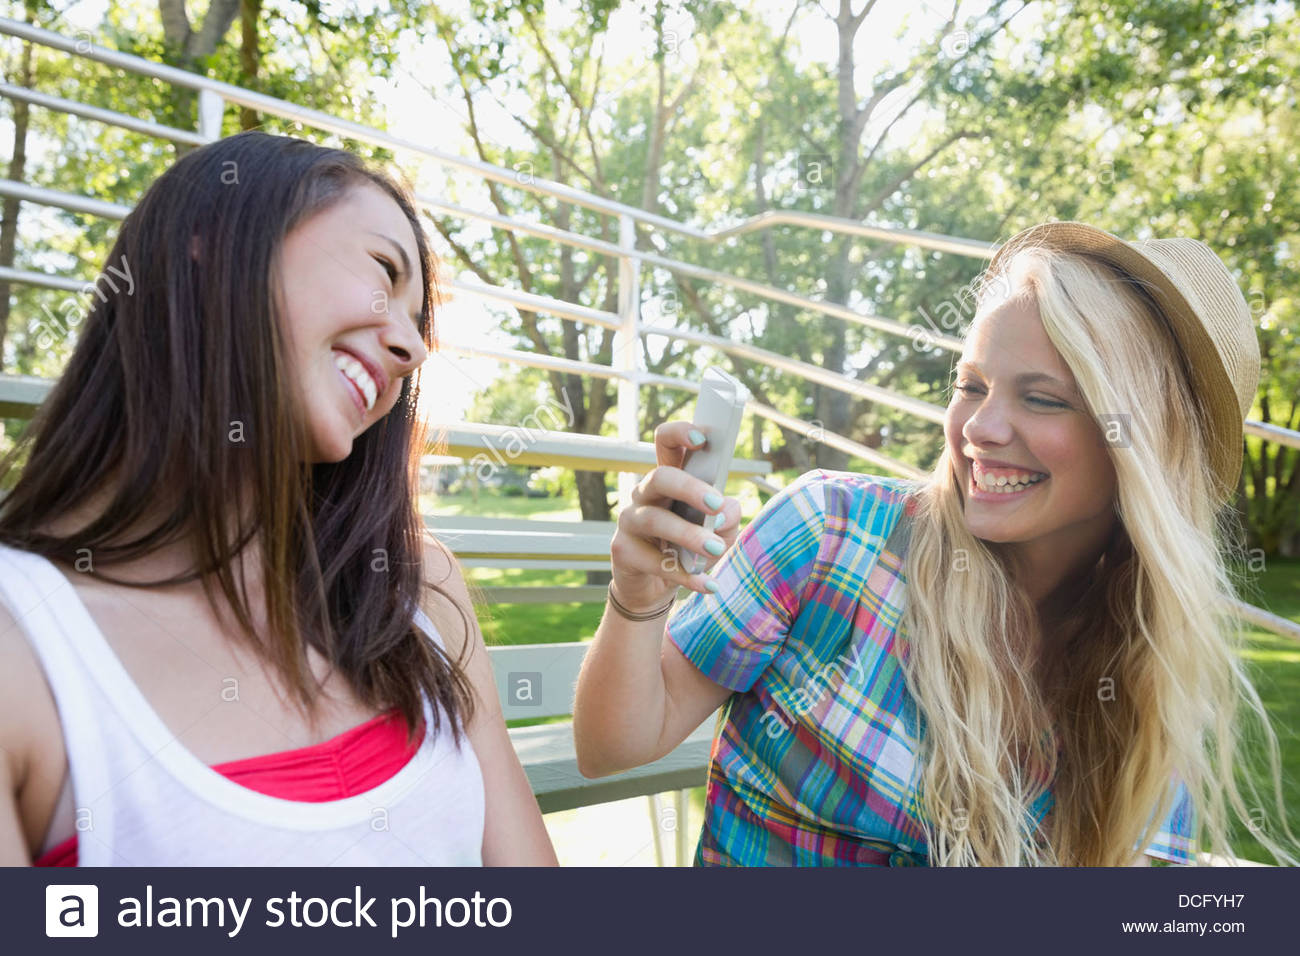 Adolescente tomar la foto de un amigo en el teléfono inteligente. Imagen De Stock